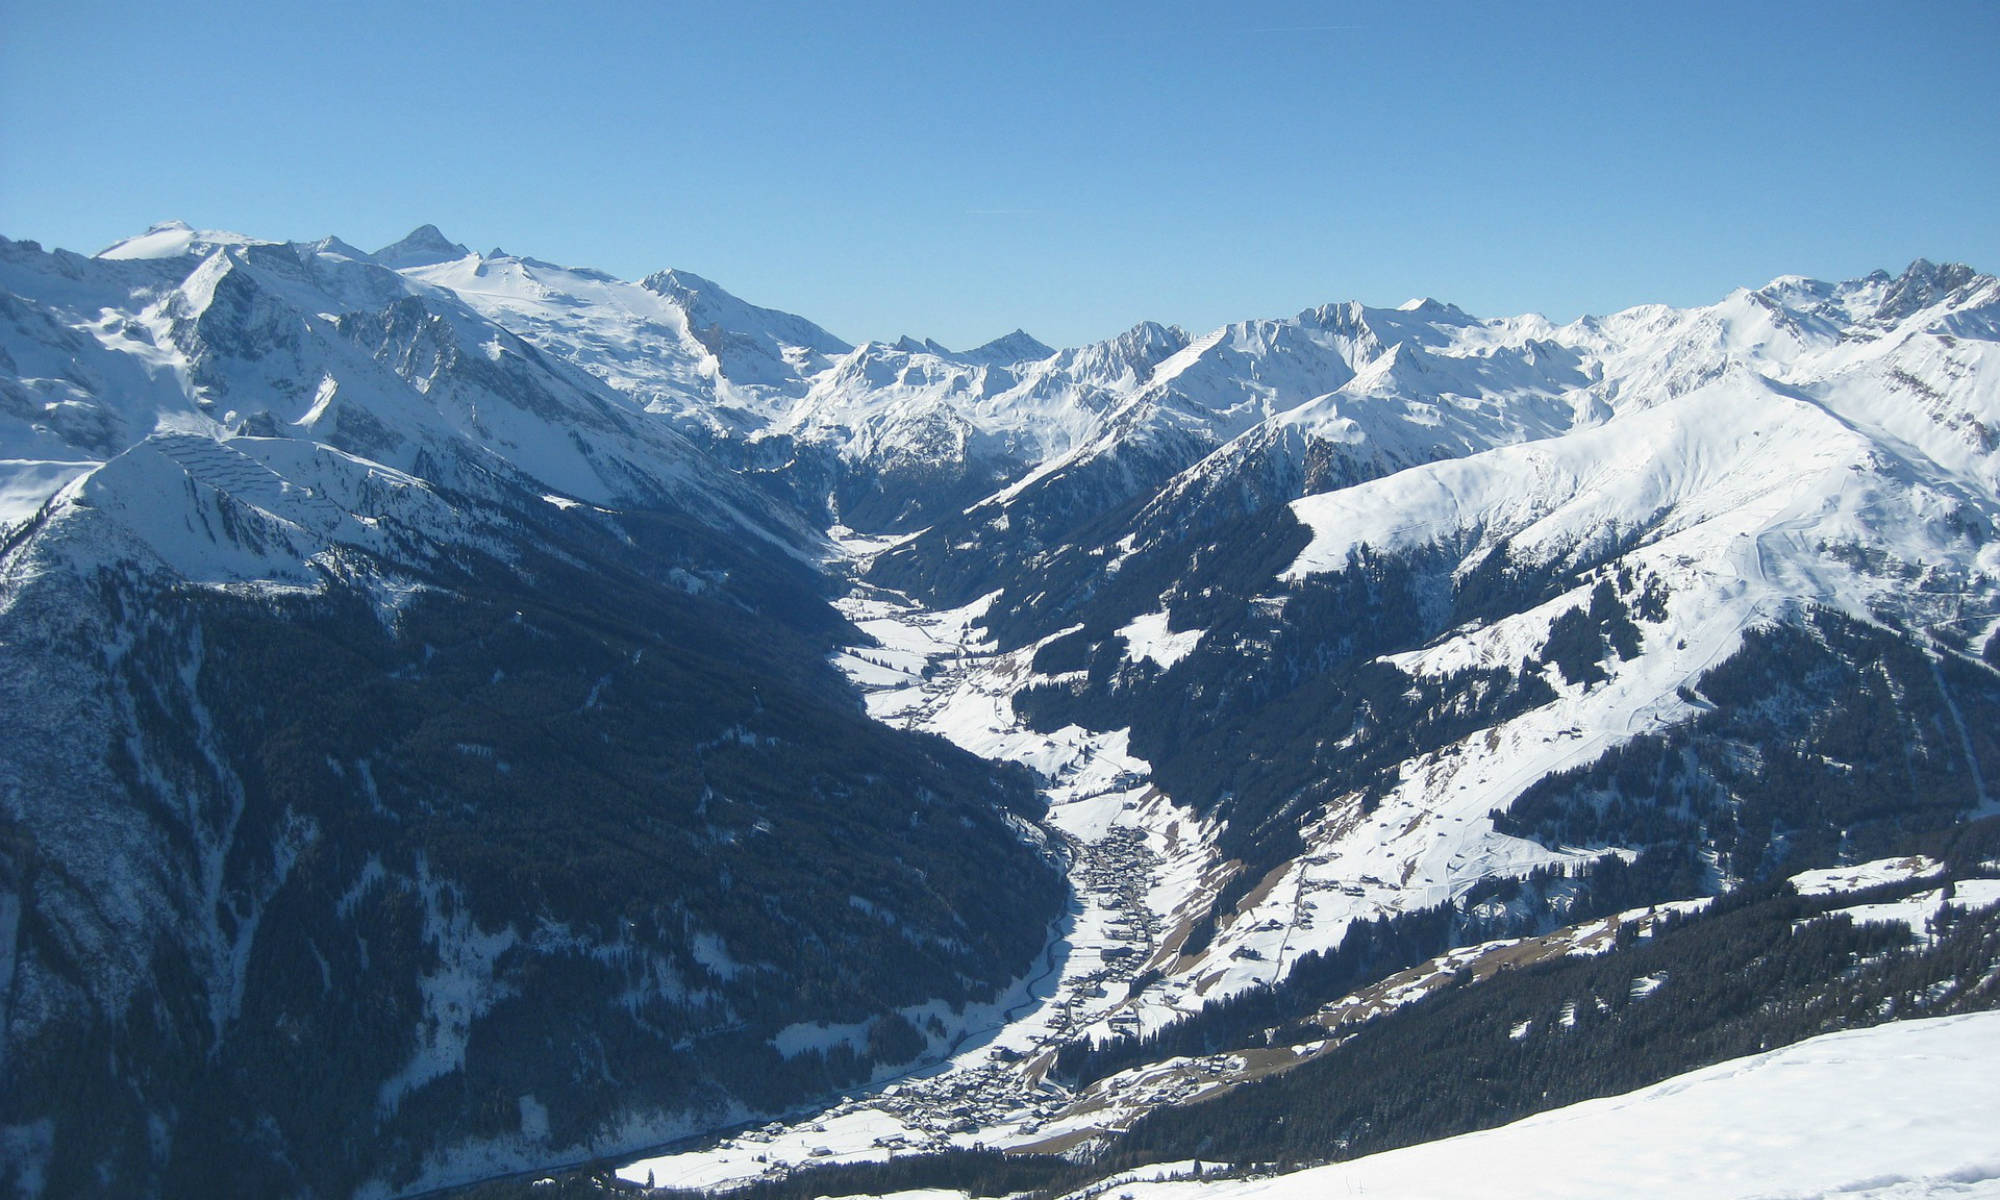 Das Panorama des winterlichen Zillertals aus der Vogelperspektive beim Paragliding in Mayrhofen.